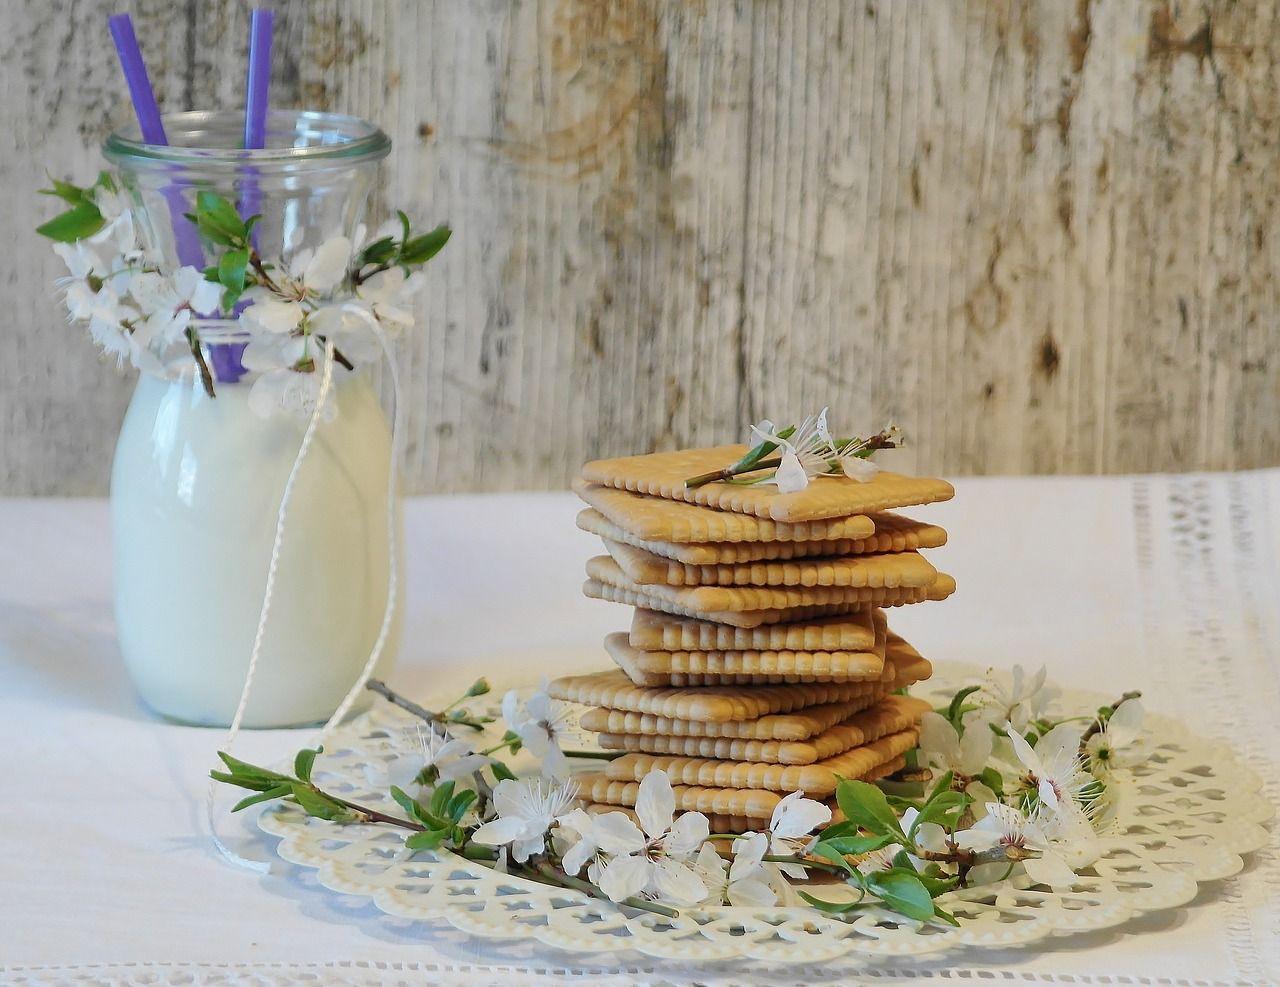 Cookies, Biscoitos De Manteiga, Vidro, Leite